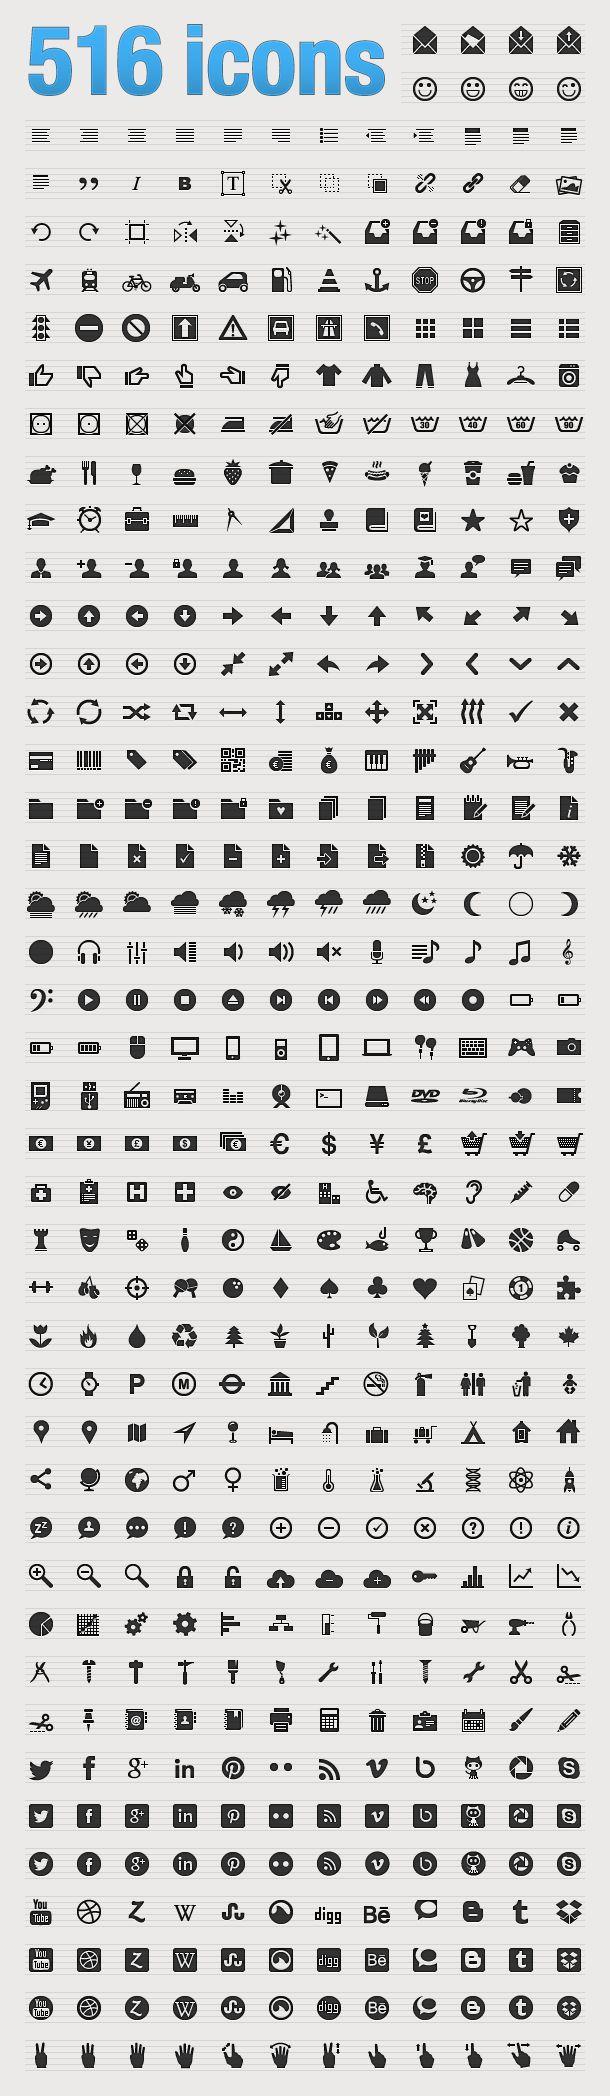 beautiful web icons :: autreplanete